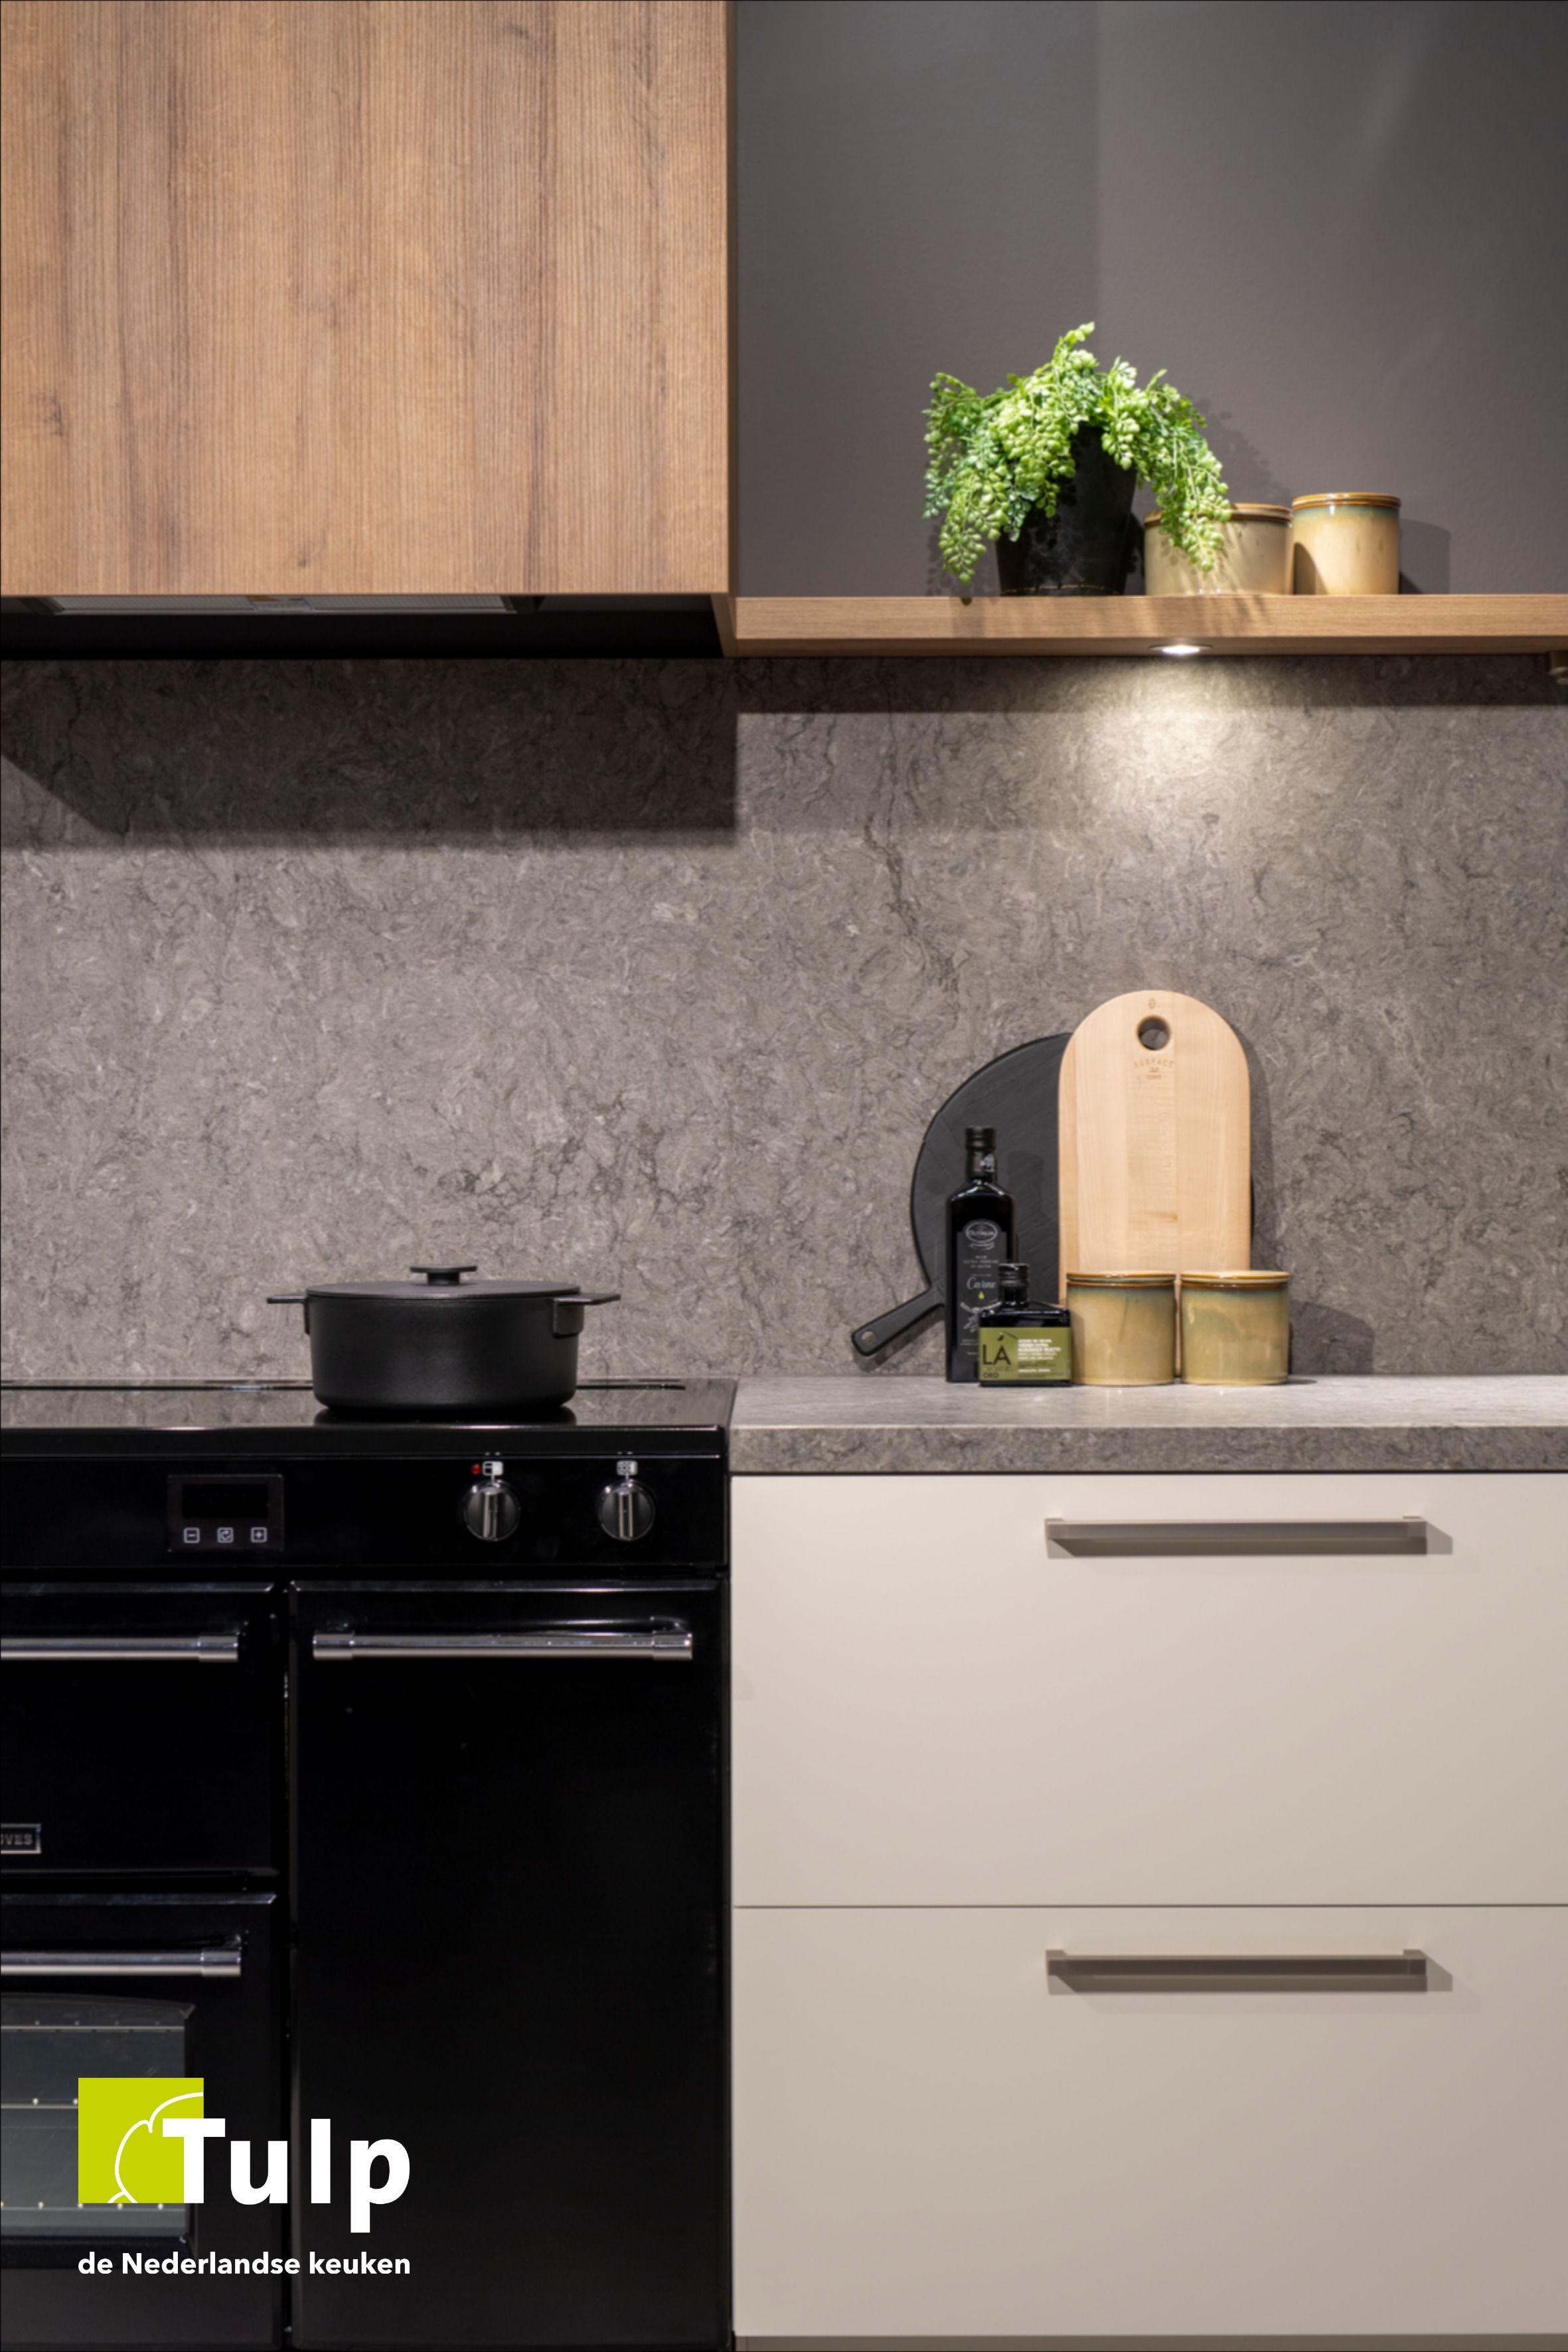 Keukenoplossing Op Maat Natuurlijke Materialen Keukens Keuken